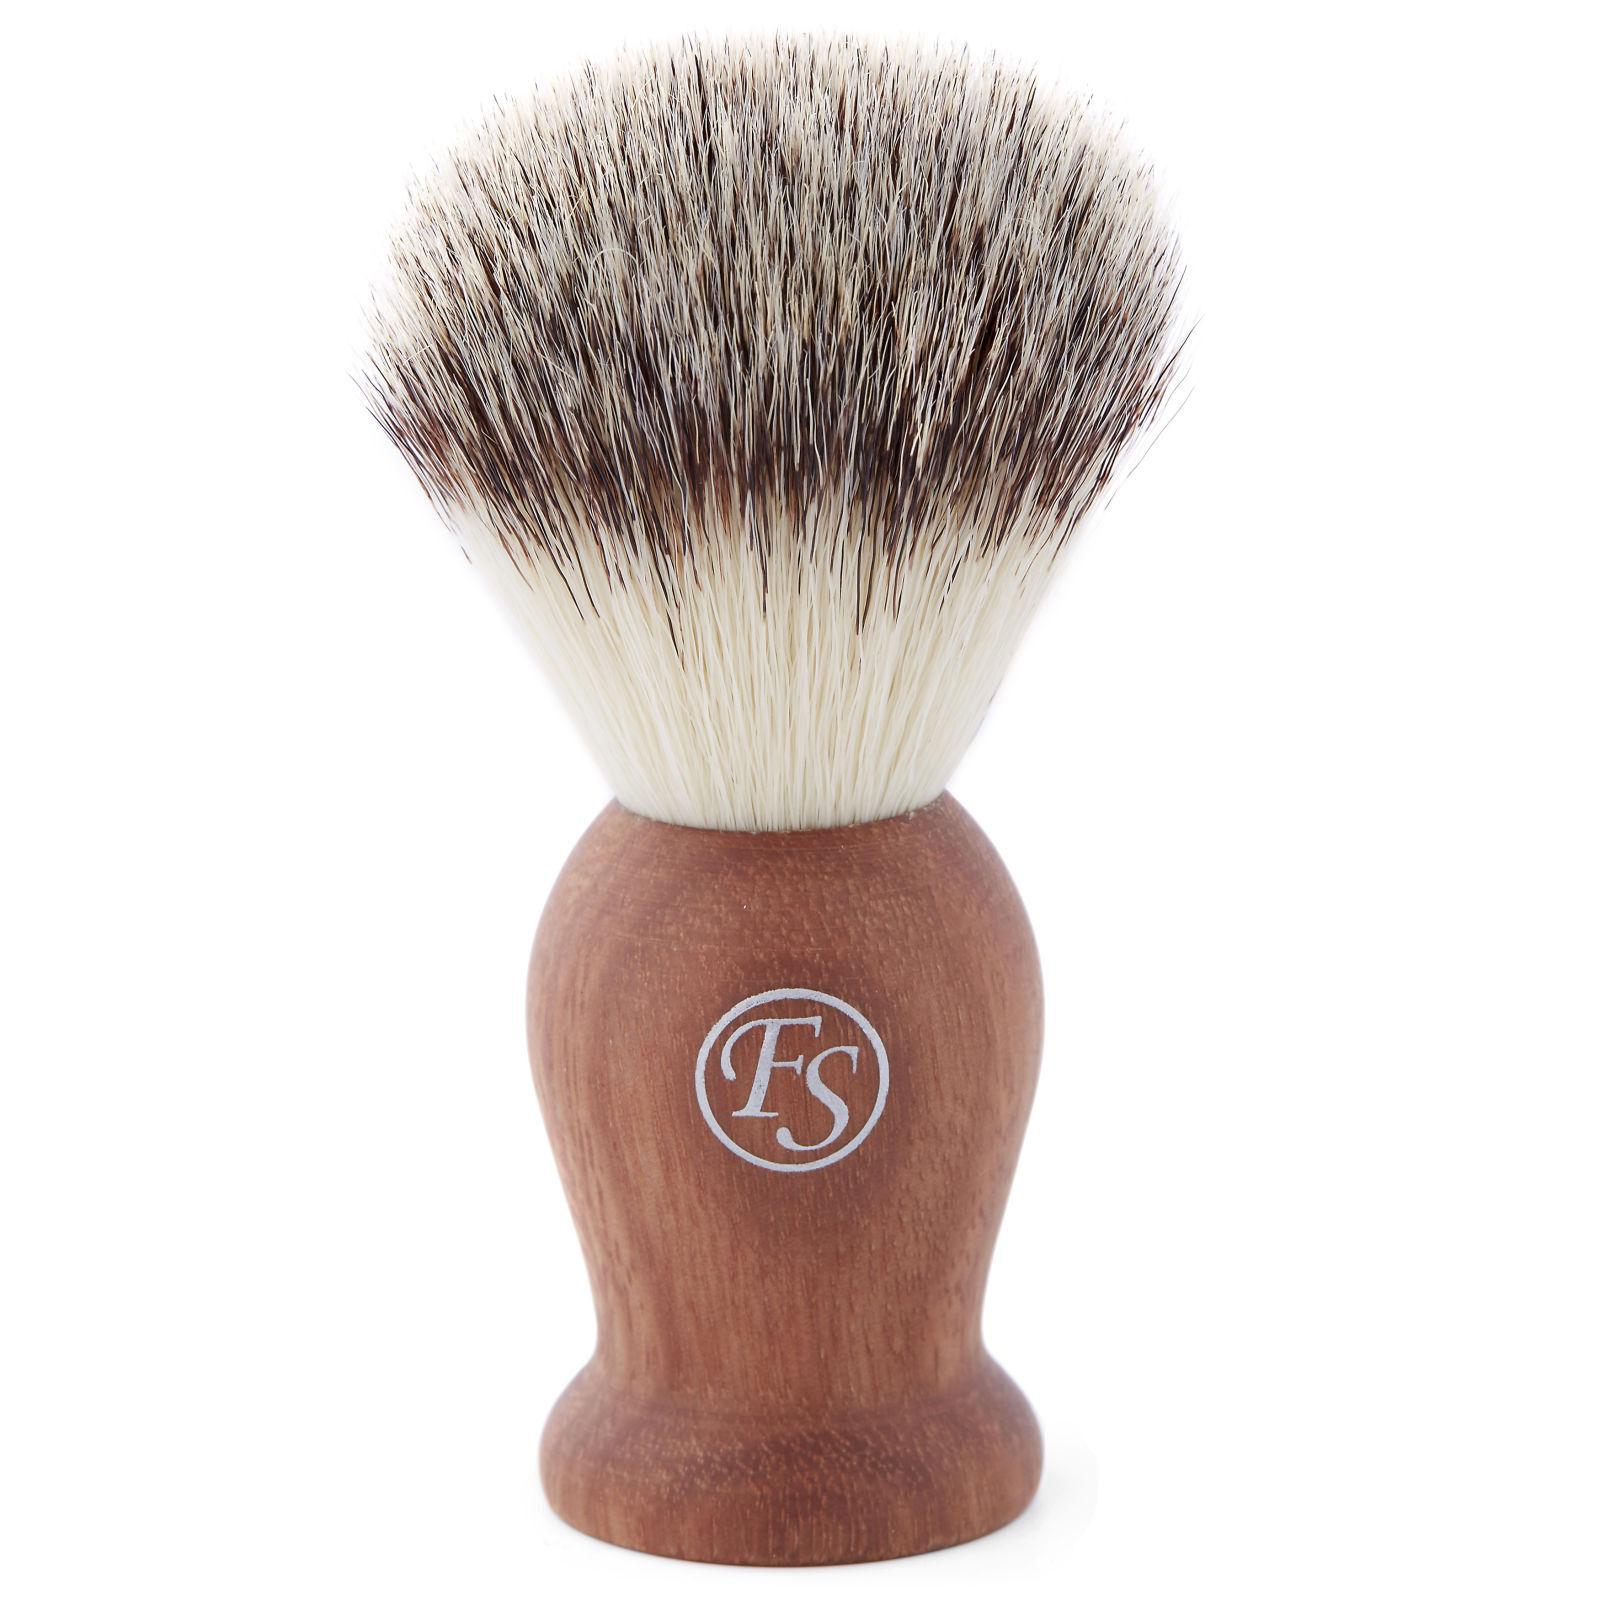 Frank Shaving Punainen synteettinen partasuti